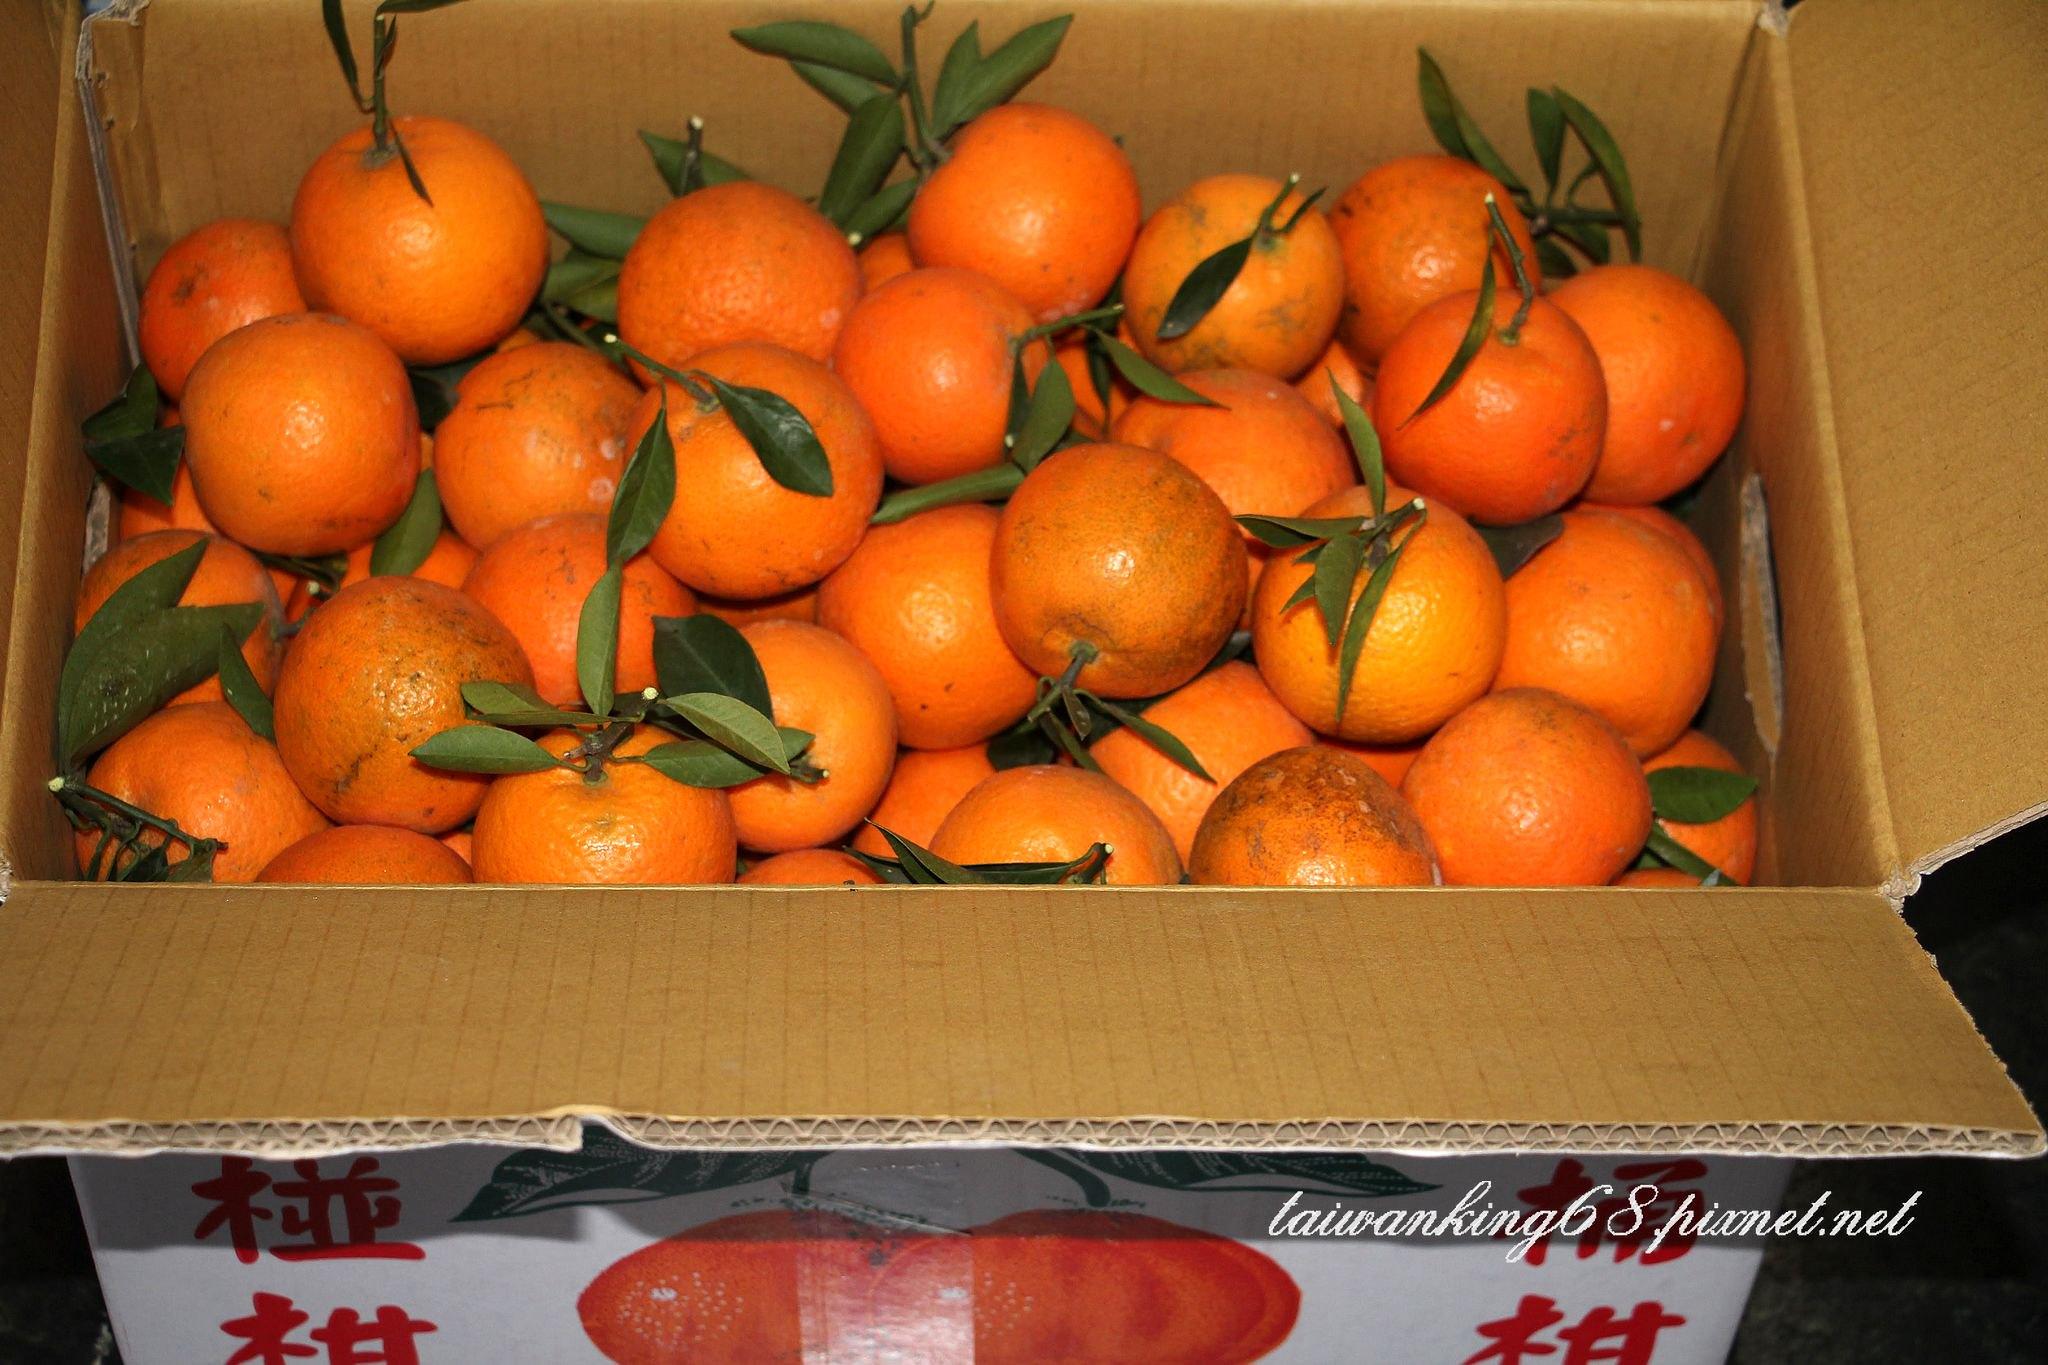 阿坤伯種ㄟ桶柑